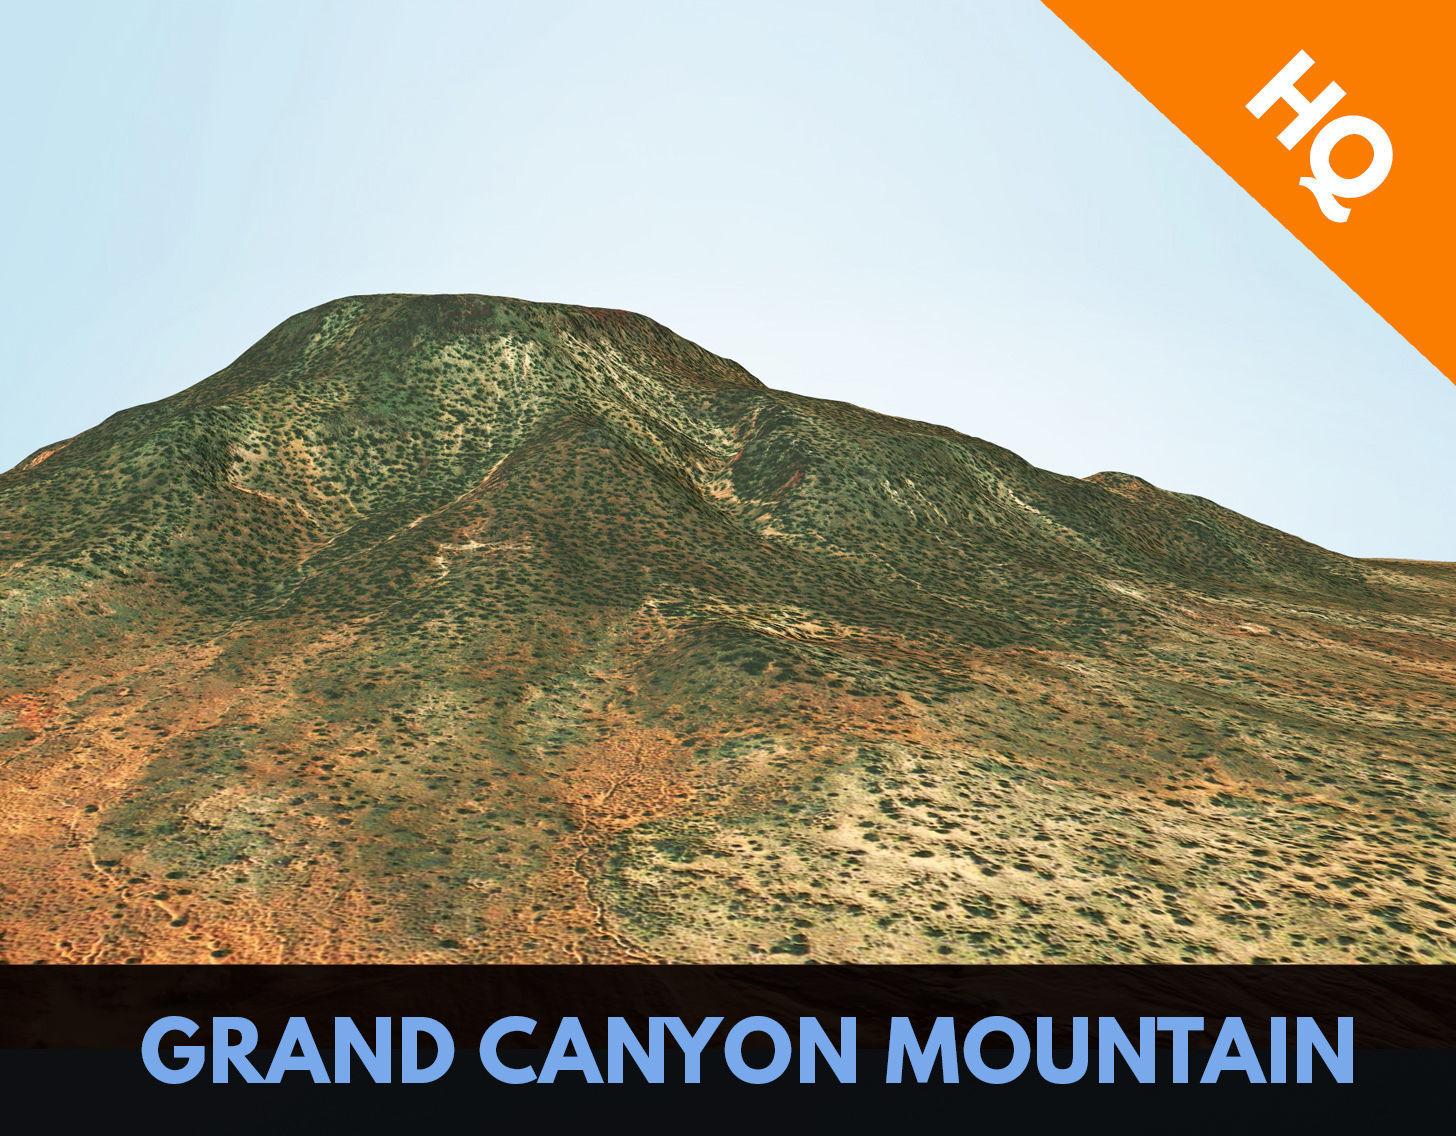 Grand Canyon Mountain Terrain Arizona Landscape PBR